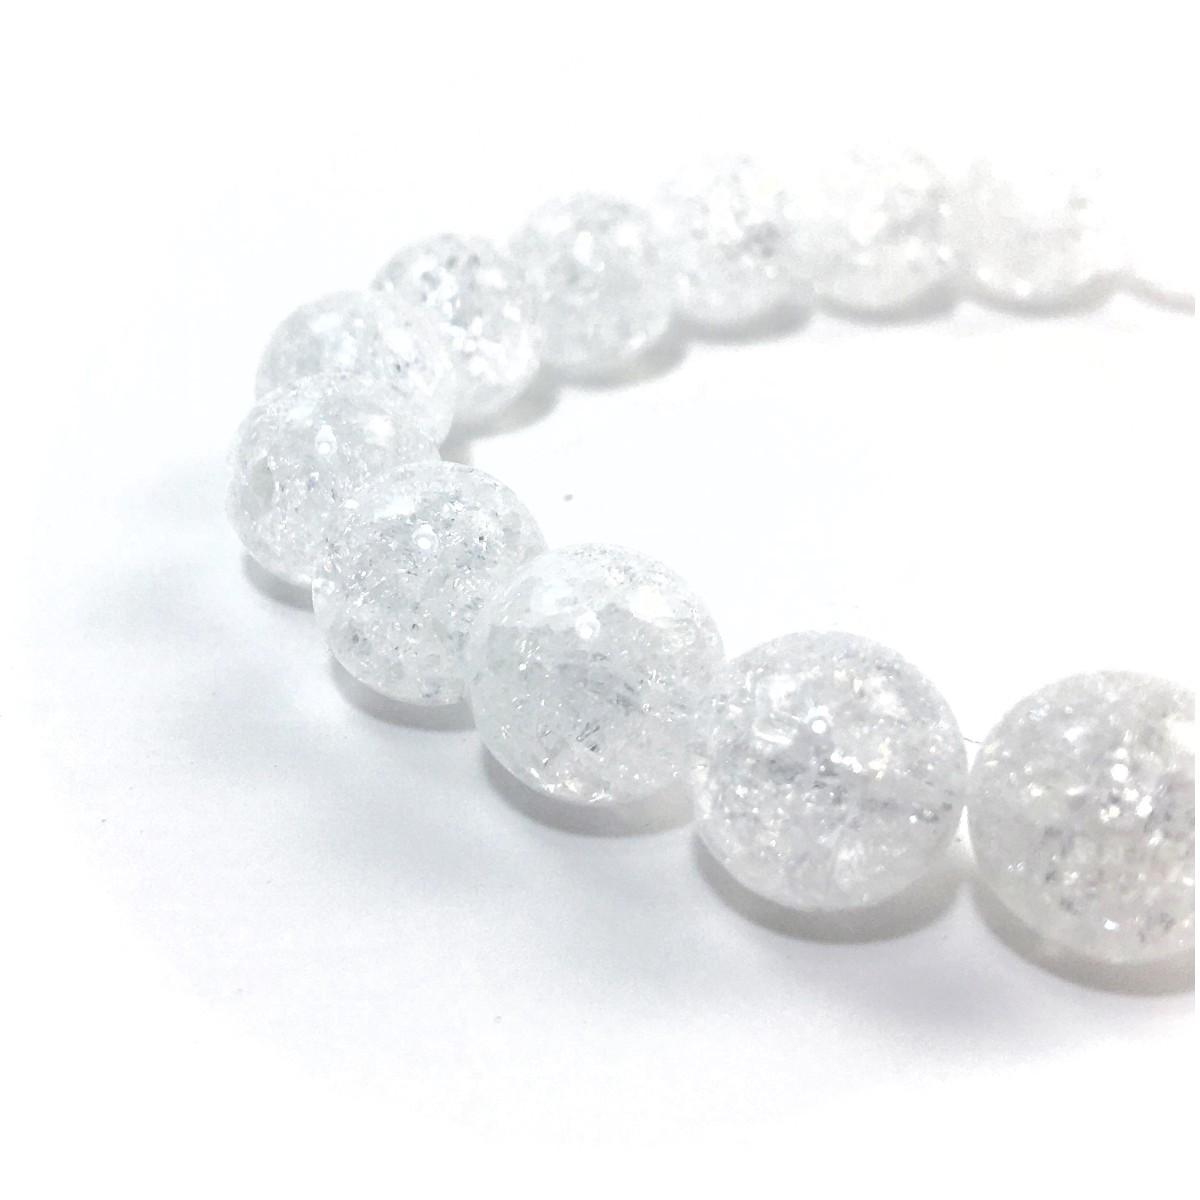 クラック水晶 パワーストーン ブレスレット 10mm 天然石ブレス シンプル 開運 浄化 数珠ブレス メンズ・レディース  男性_画像3